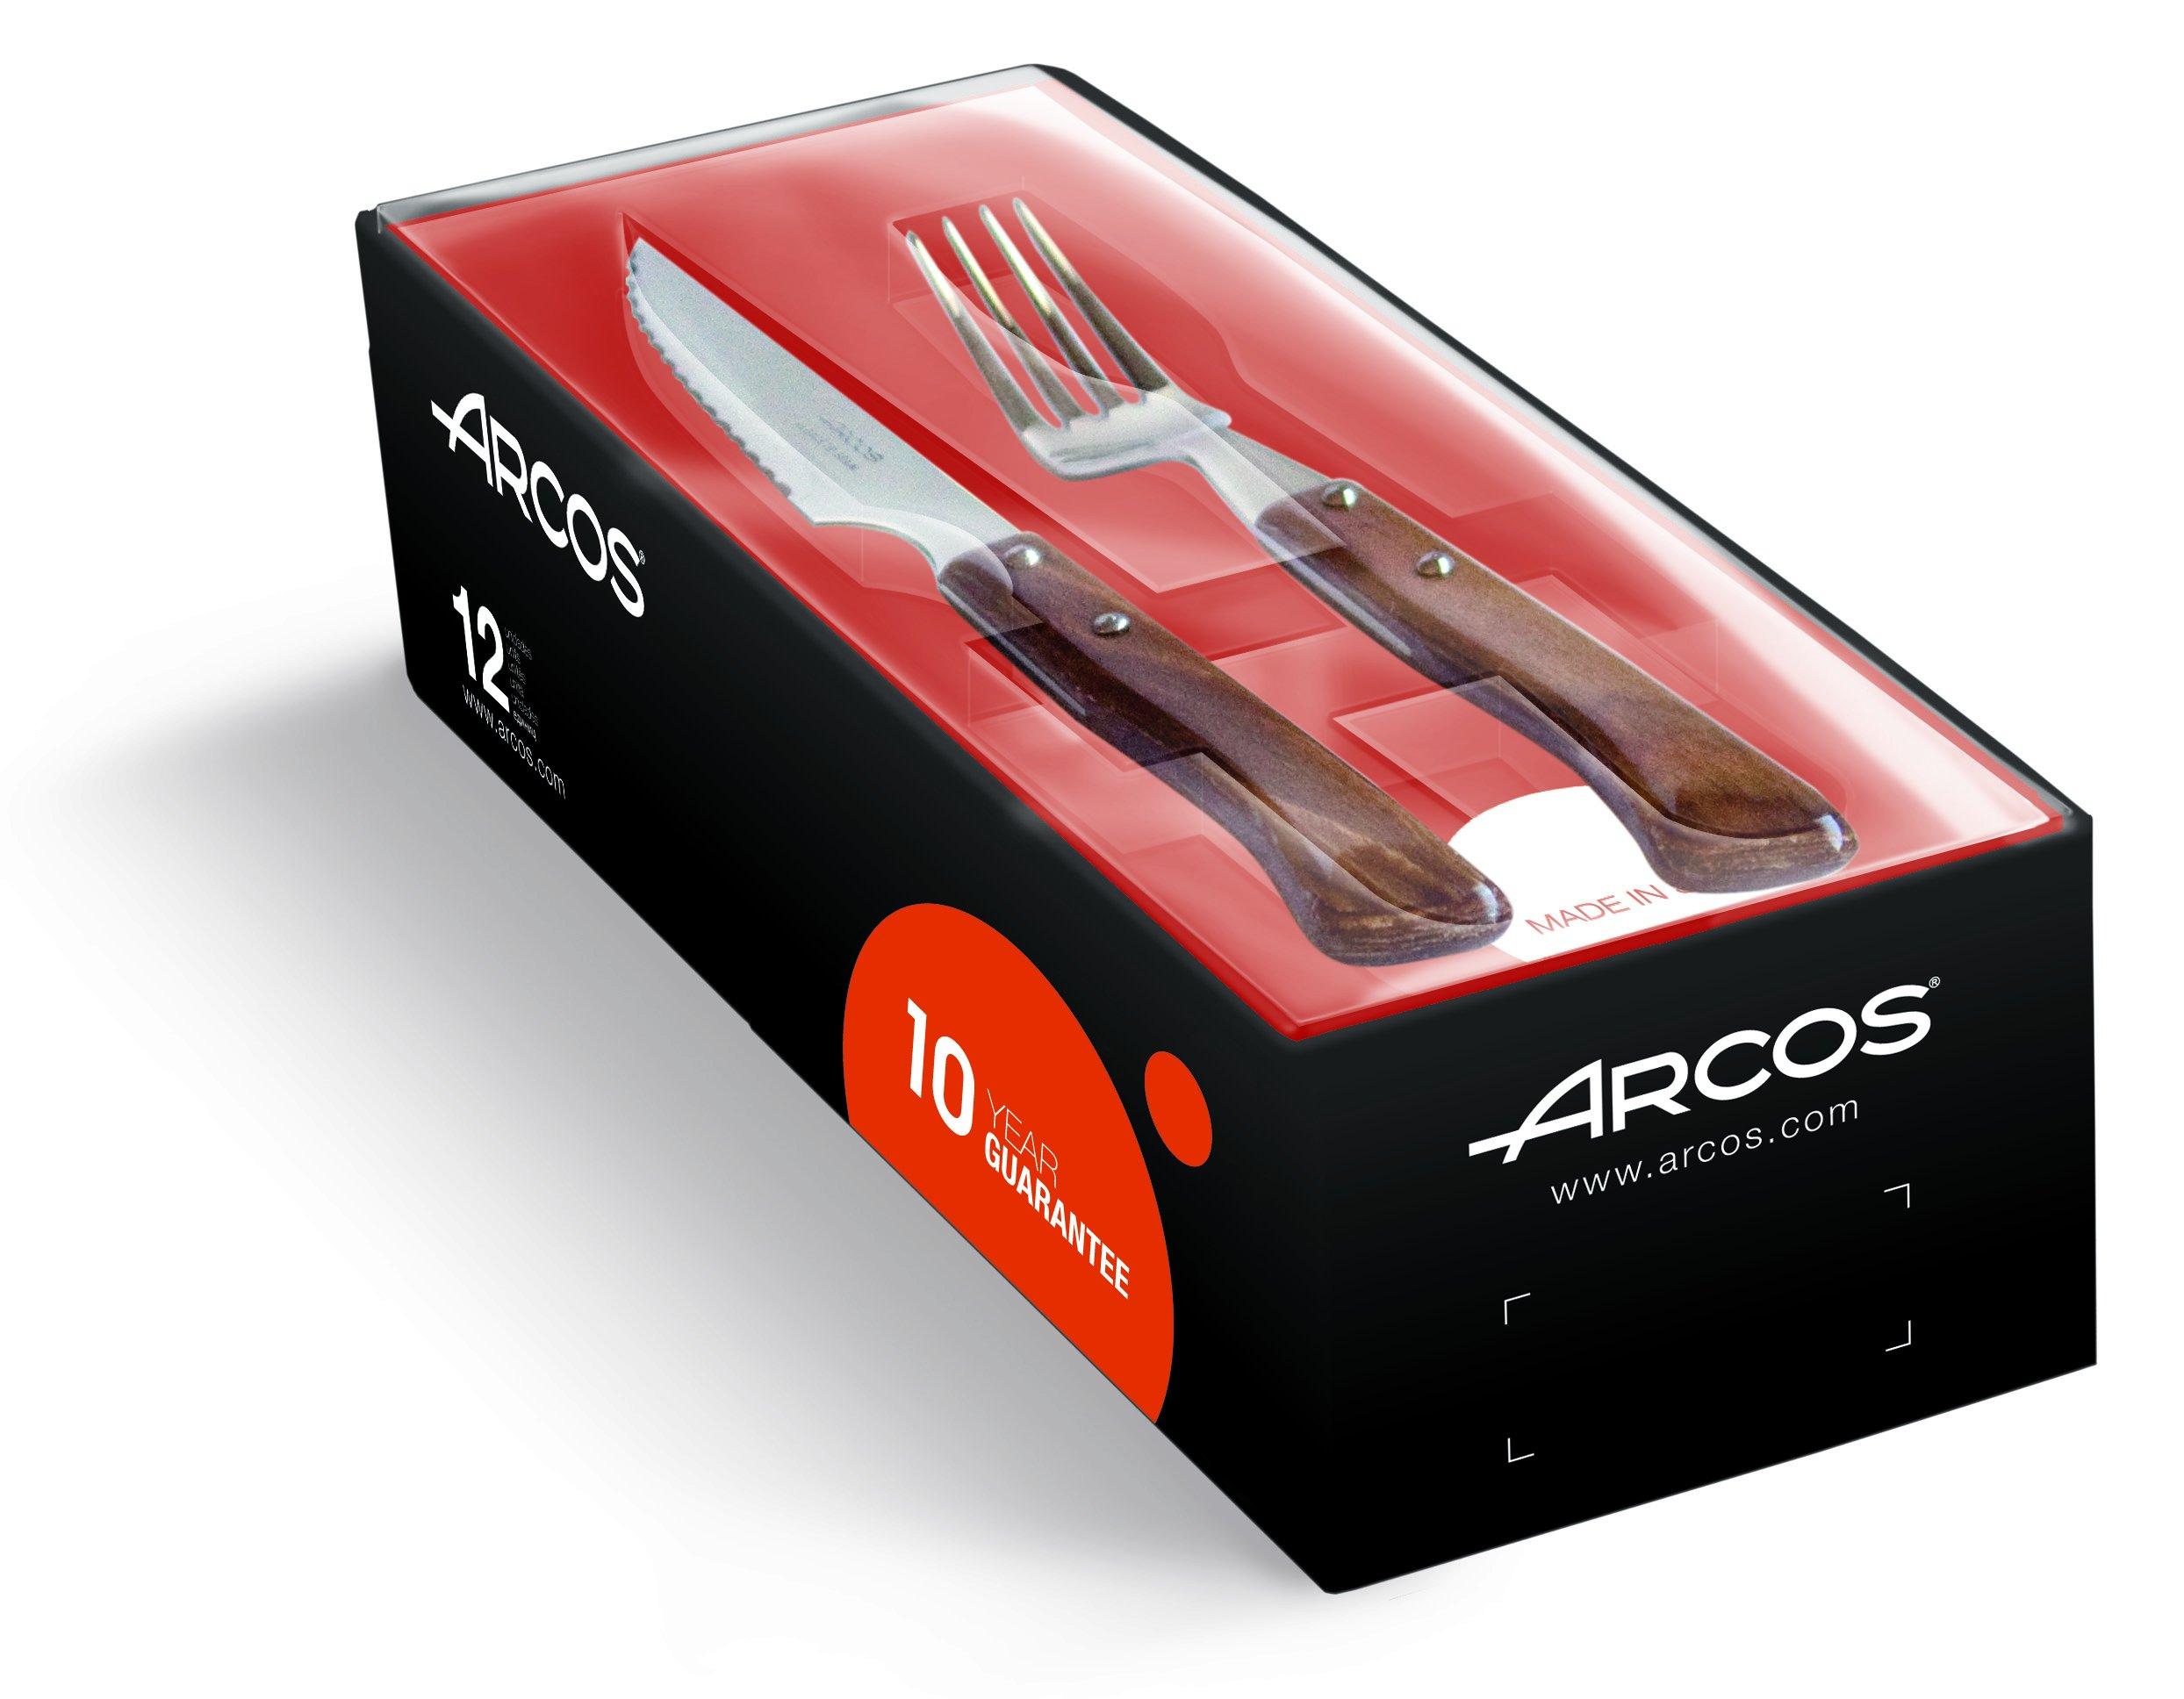 Arcos 377700 - Juego de cuchillo chuletero y tenedor, 110 mm (12pzs) product